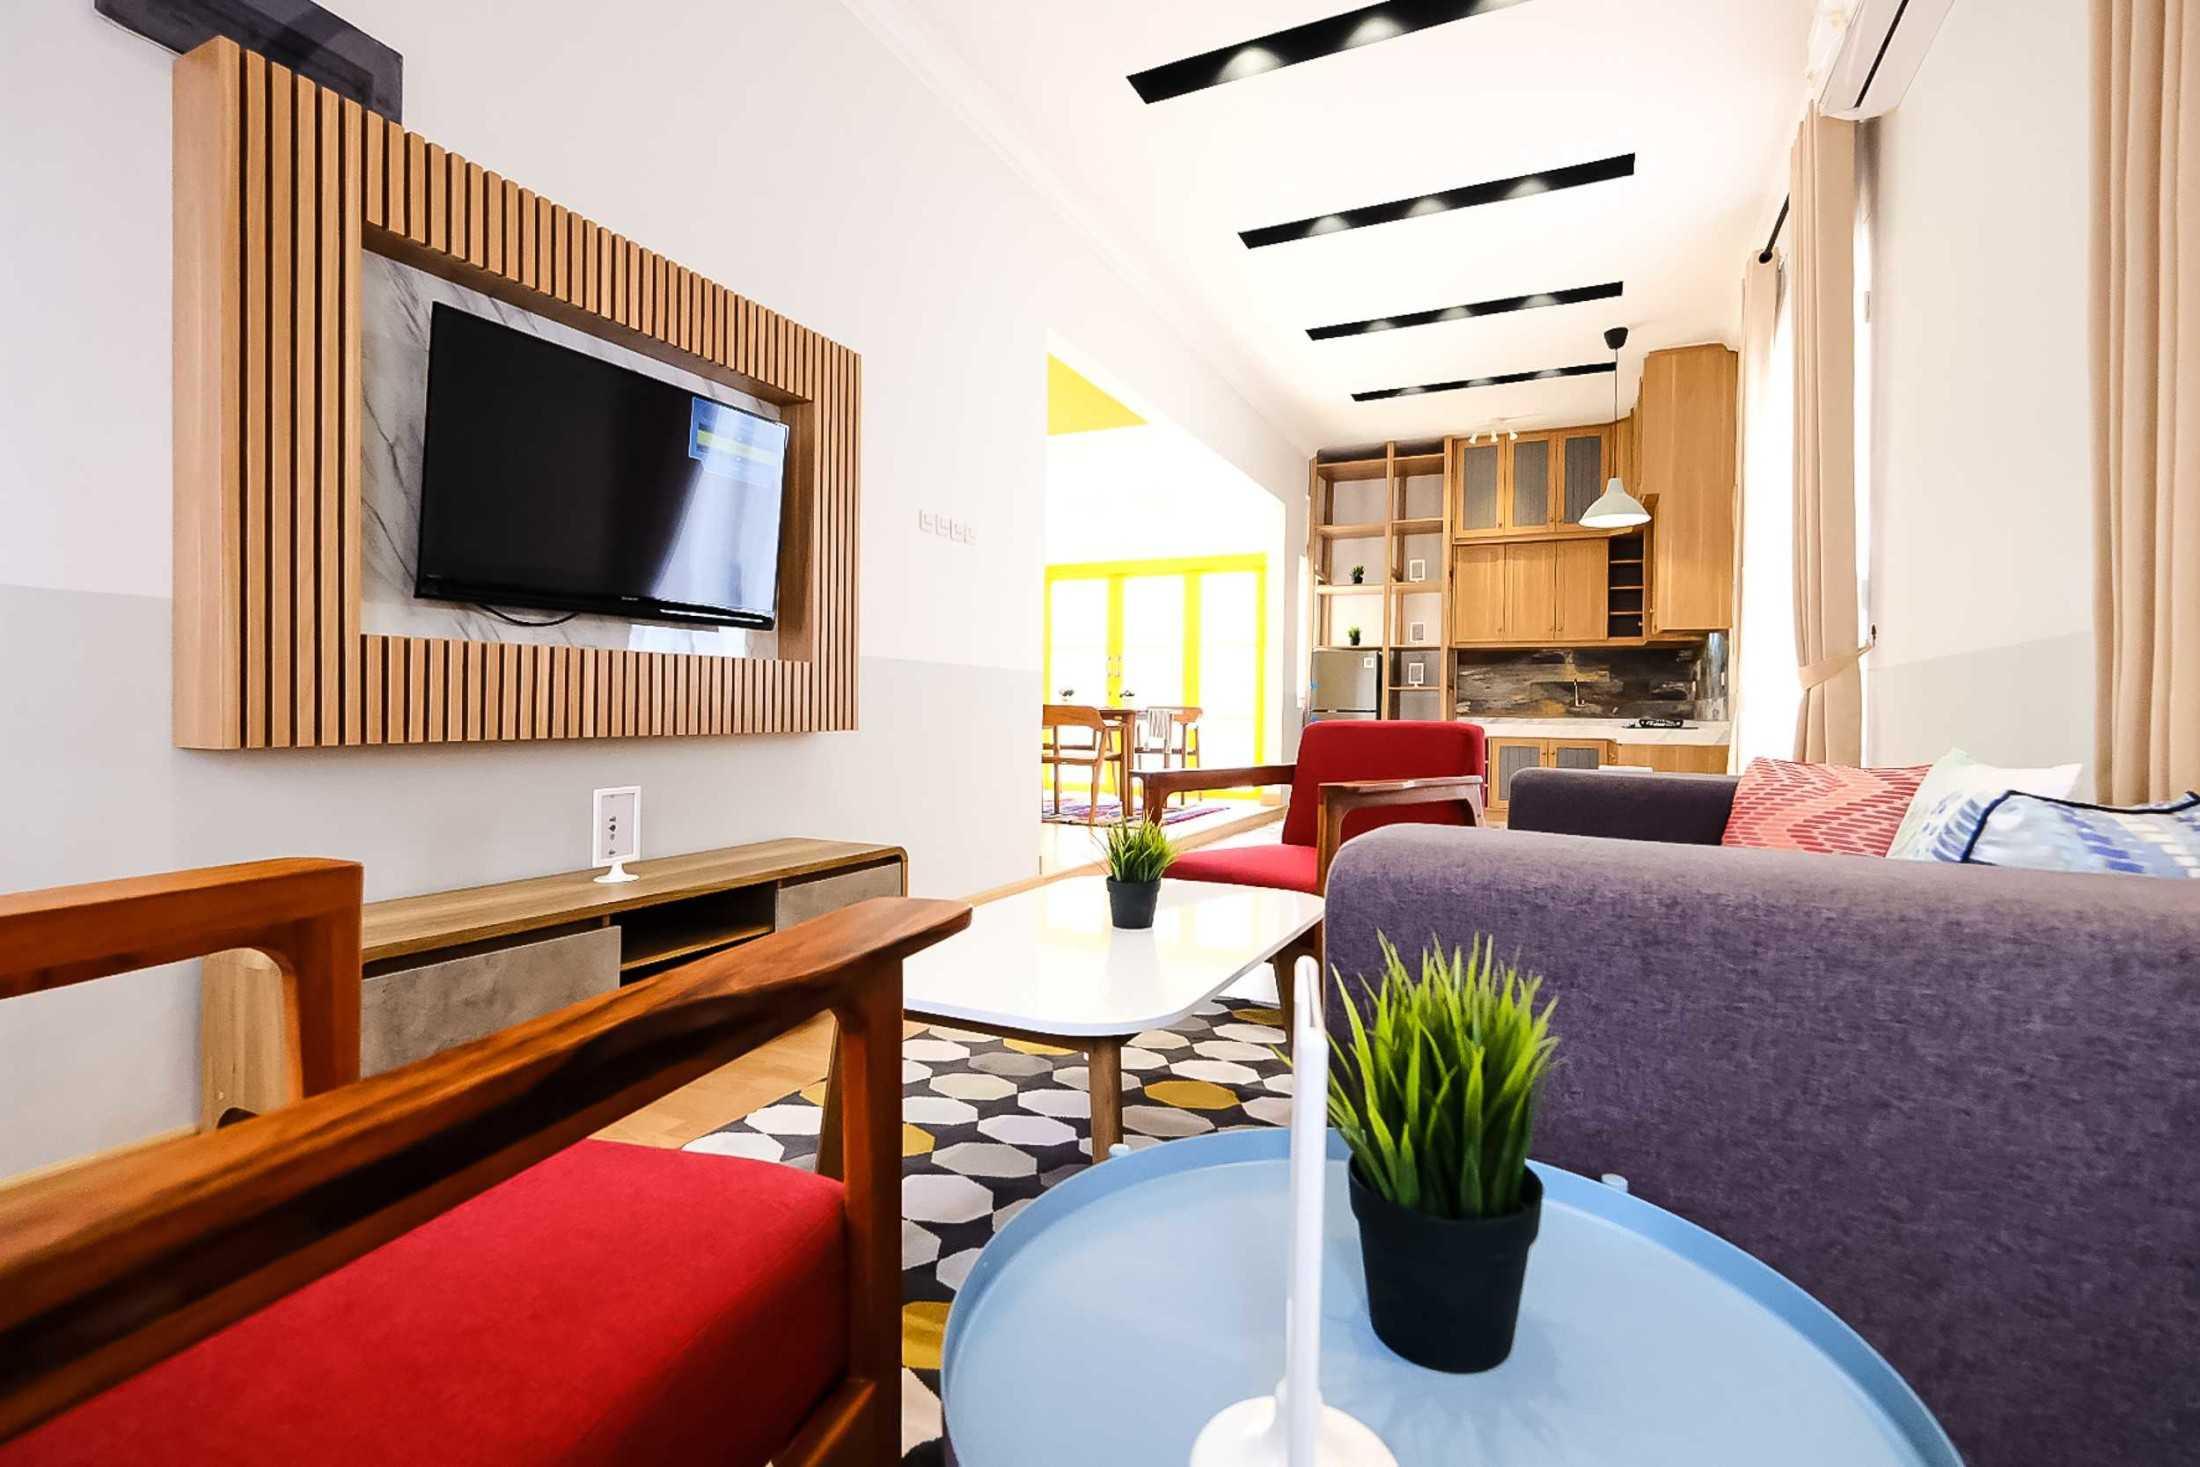 Egar Putra Bahtera Resort Concept For Home At Jakarta Jl. Belimbing, Rt.4/rw.3, Bangka, Mampang Prpt., Kota Jakarta Selatan, Daerah Khusus Ibukota Jakarta, Indonesia Jl. Belimbing, Rt.4/rw.3, Bangka, Mampang Prpt., Kota Jakarta Selatan, Daerah Khusus Ibukota Jakarta, Indonesia Egar-Putra-Bahtera-Resort-Concept-For-Home-At-Jakarta  70096